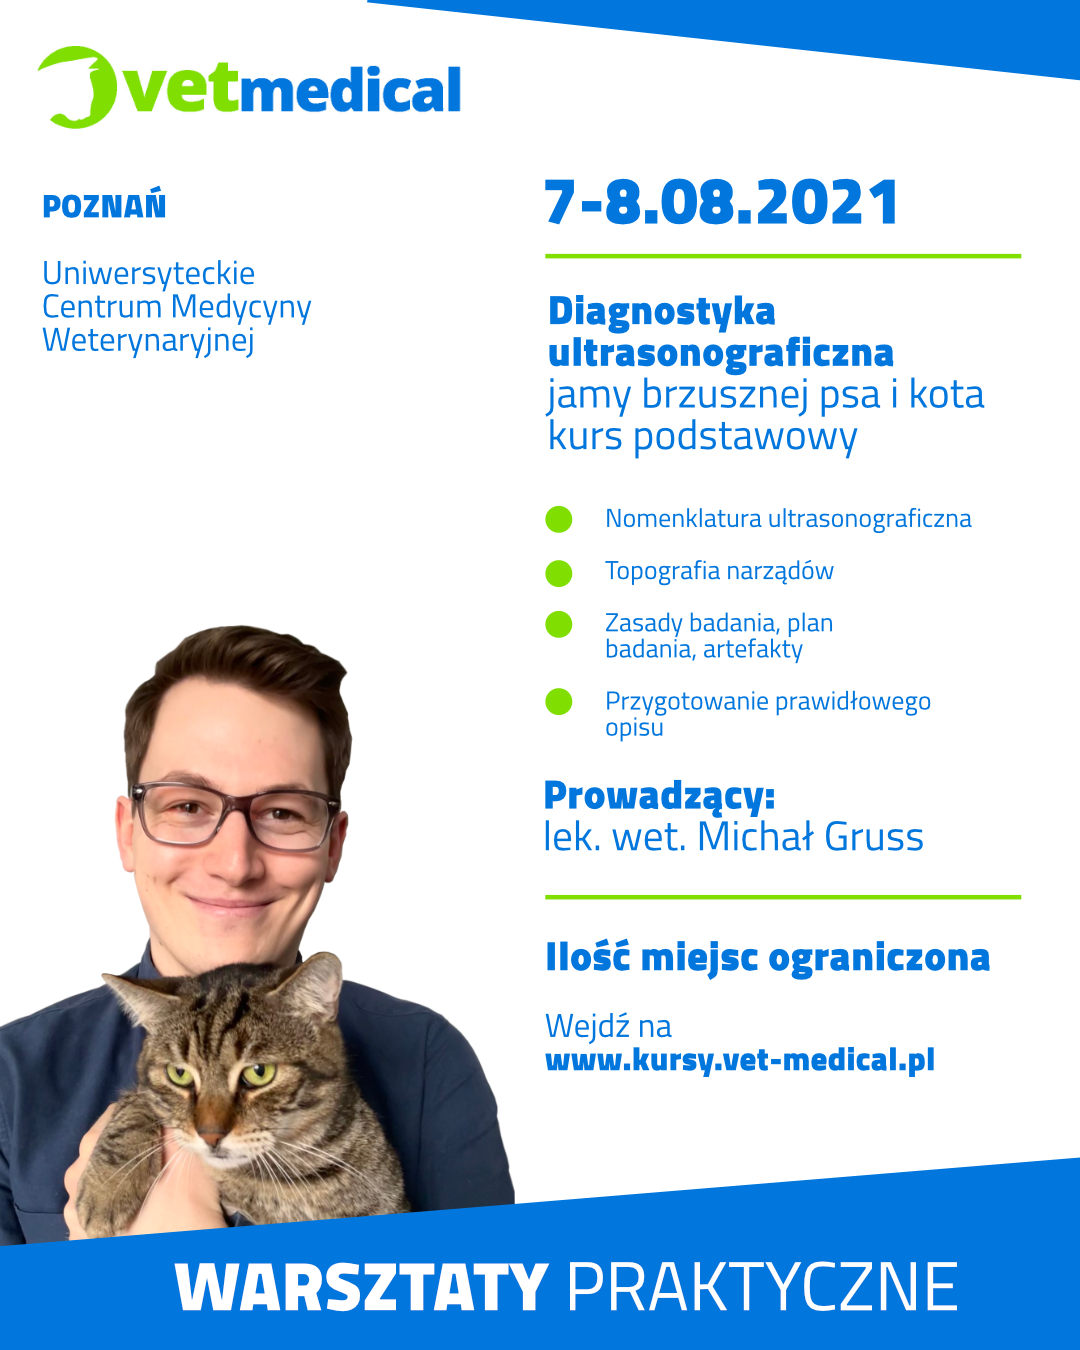 Poznań 7-8.08.2021 – Diagnostyka ultrasonograficzna jamy brzusznej psa i kota